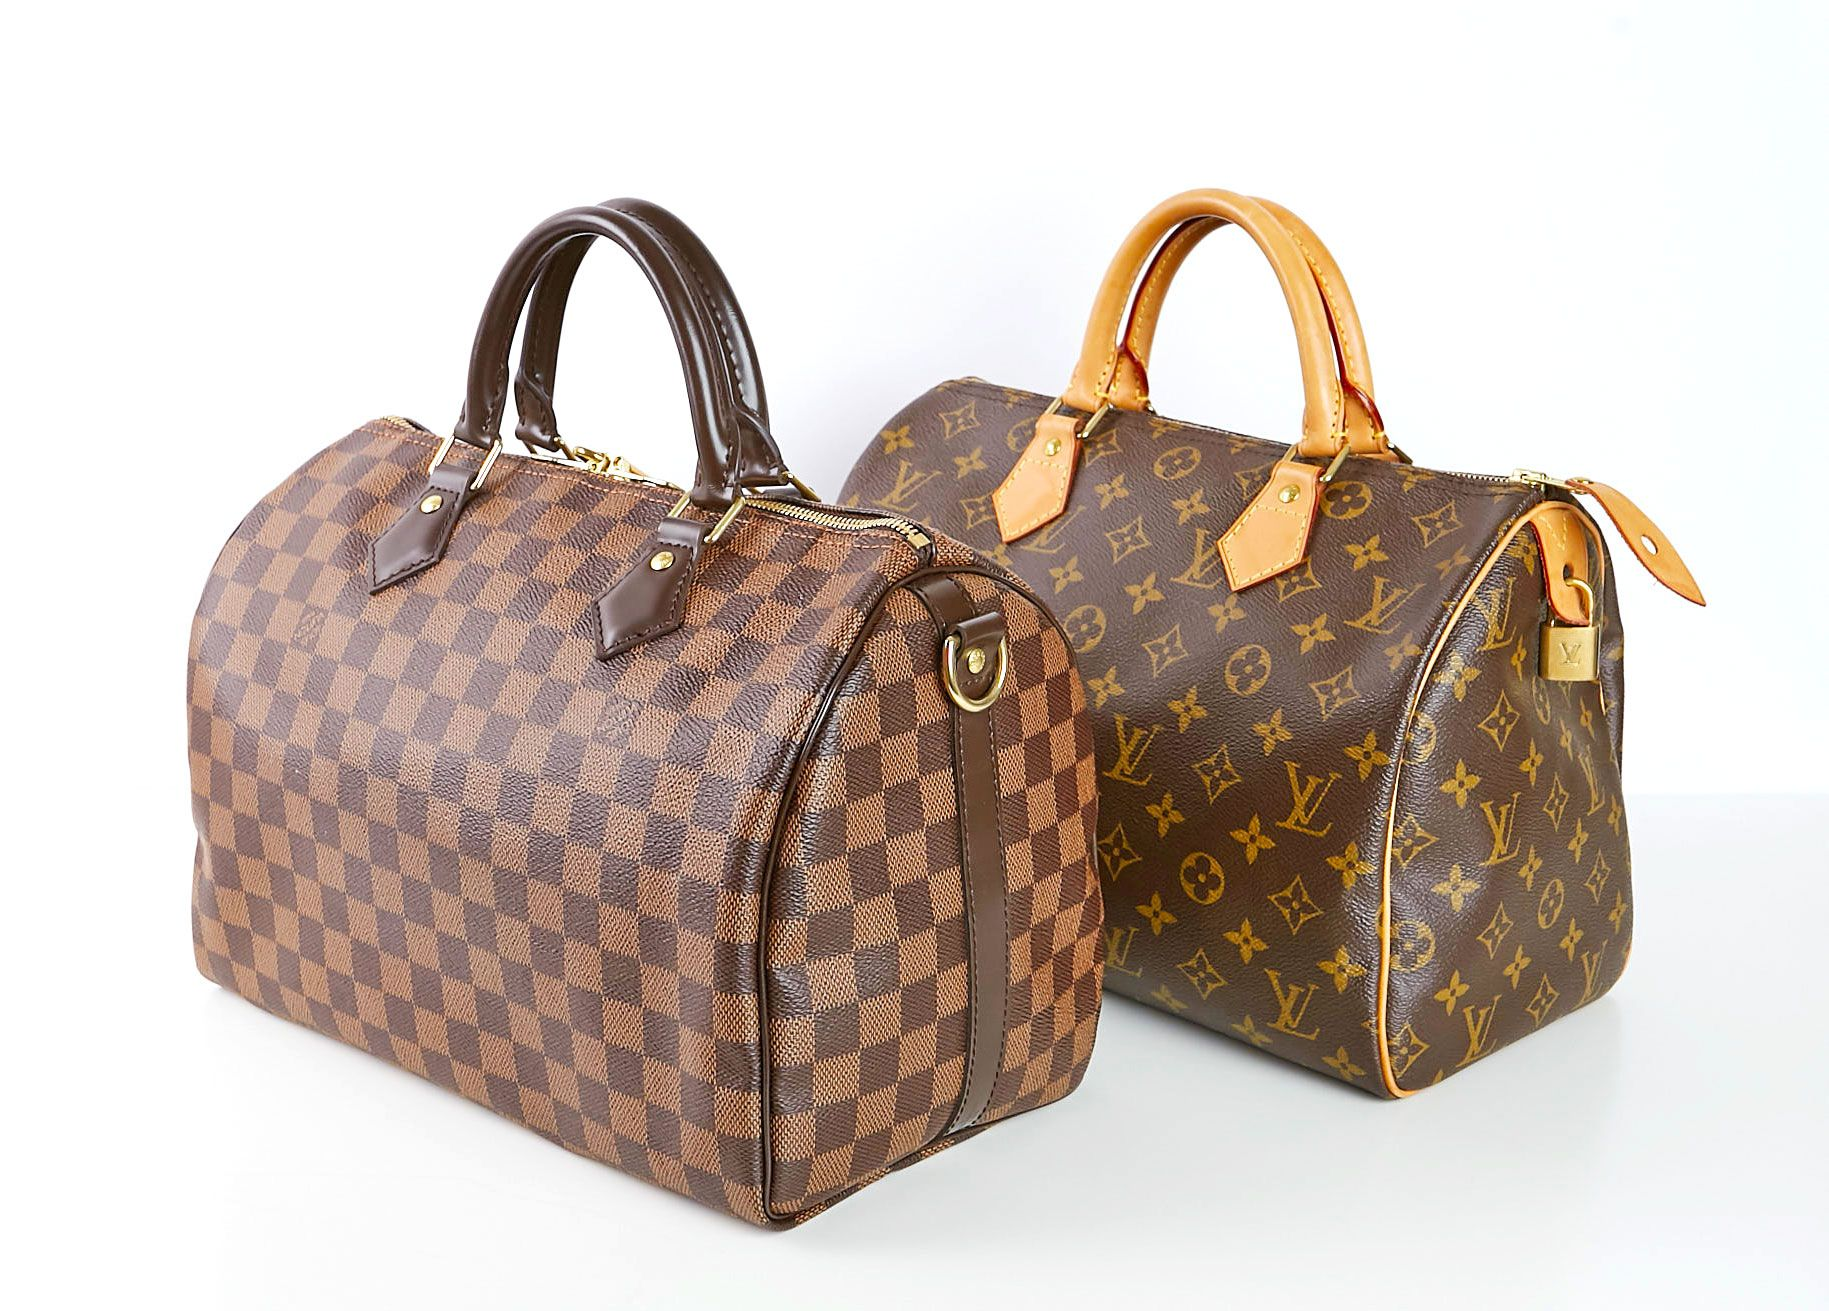 4d9c6c196a5 Louis Vuitton Damier Ebene Speedy Bandouliere 30 and Louis Vuitton ...